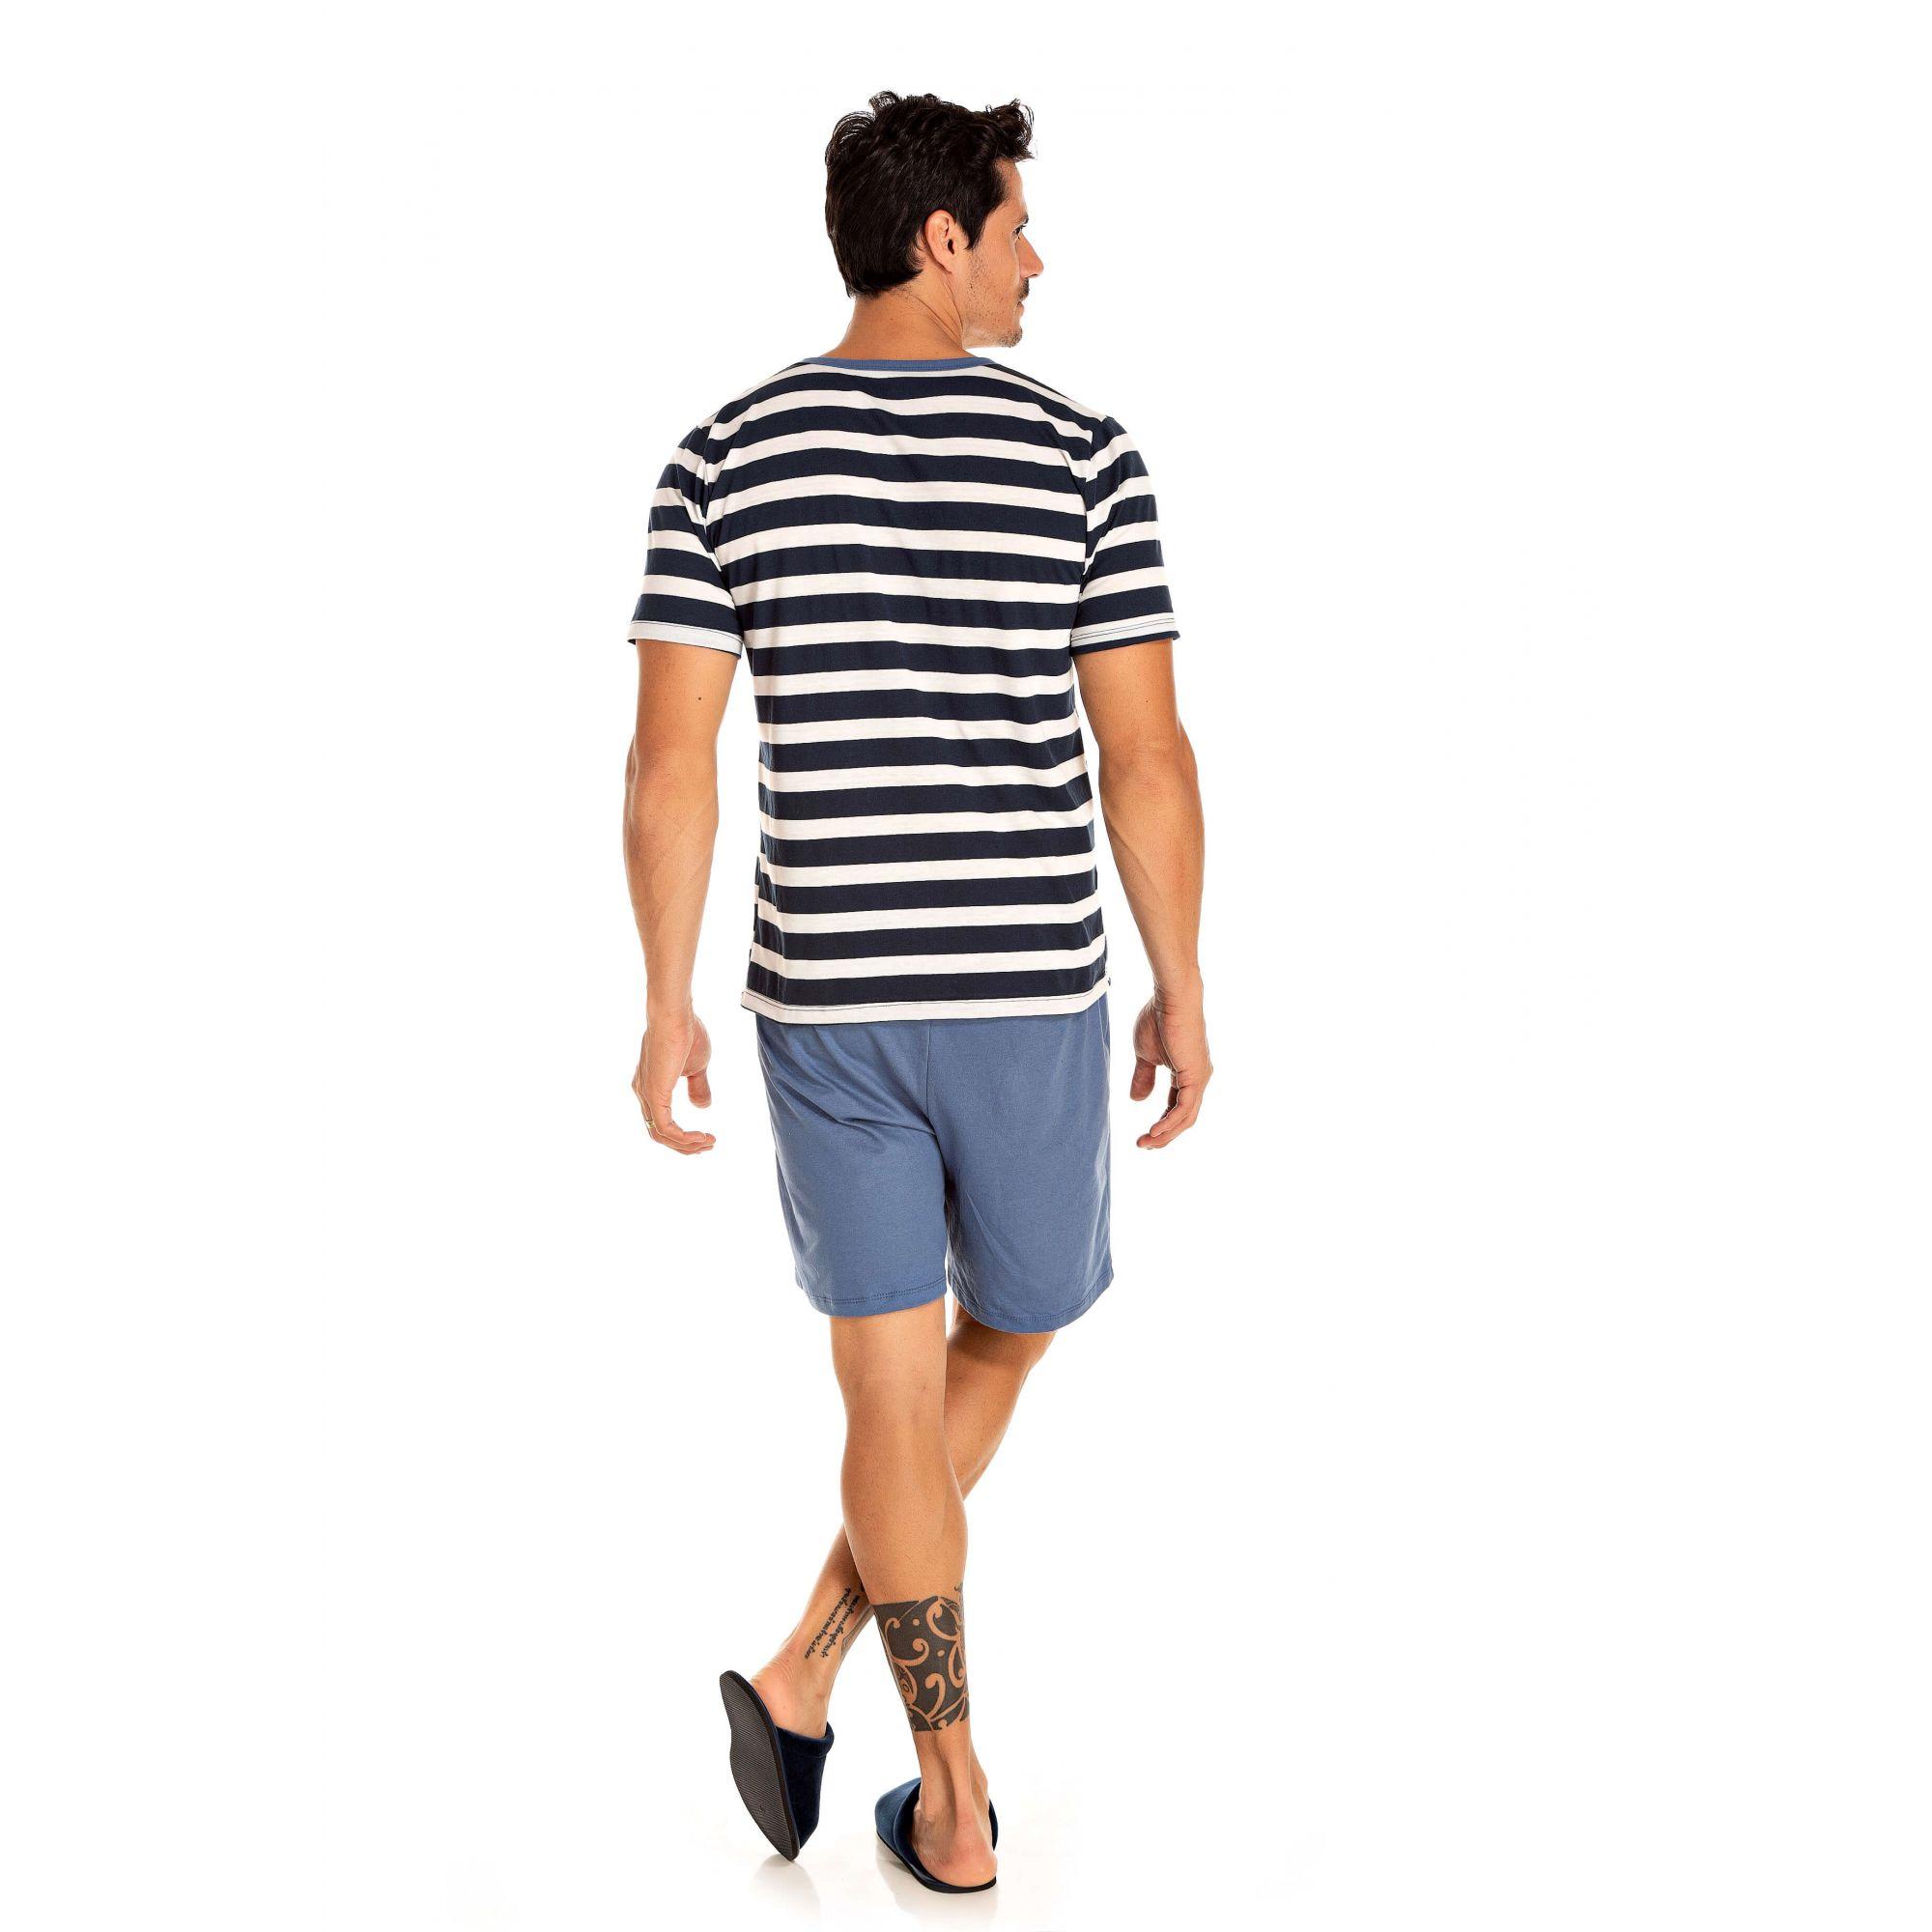 102/A - Pijama Masculino Adulto Curto - Pai e Filho